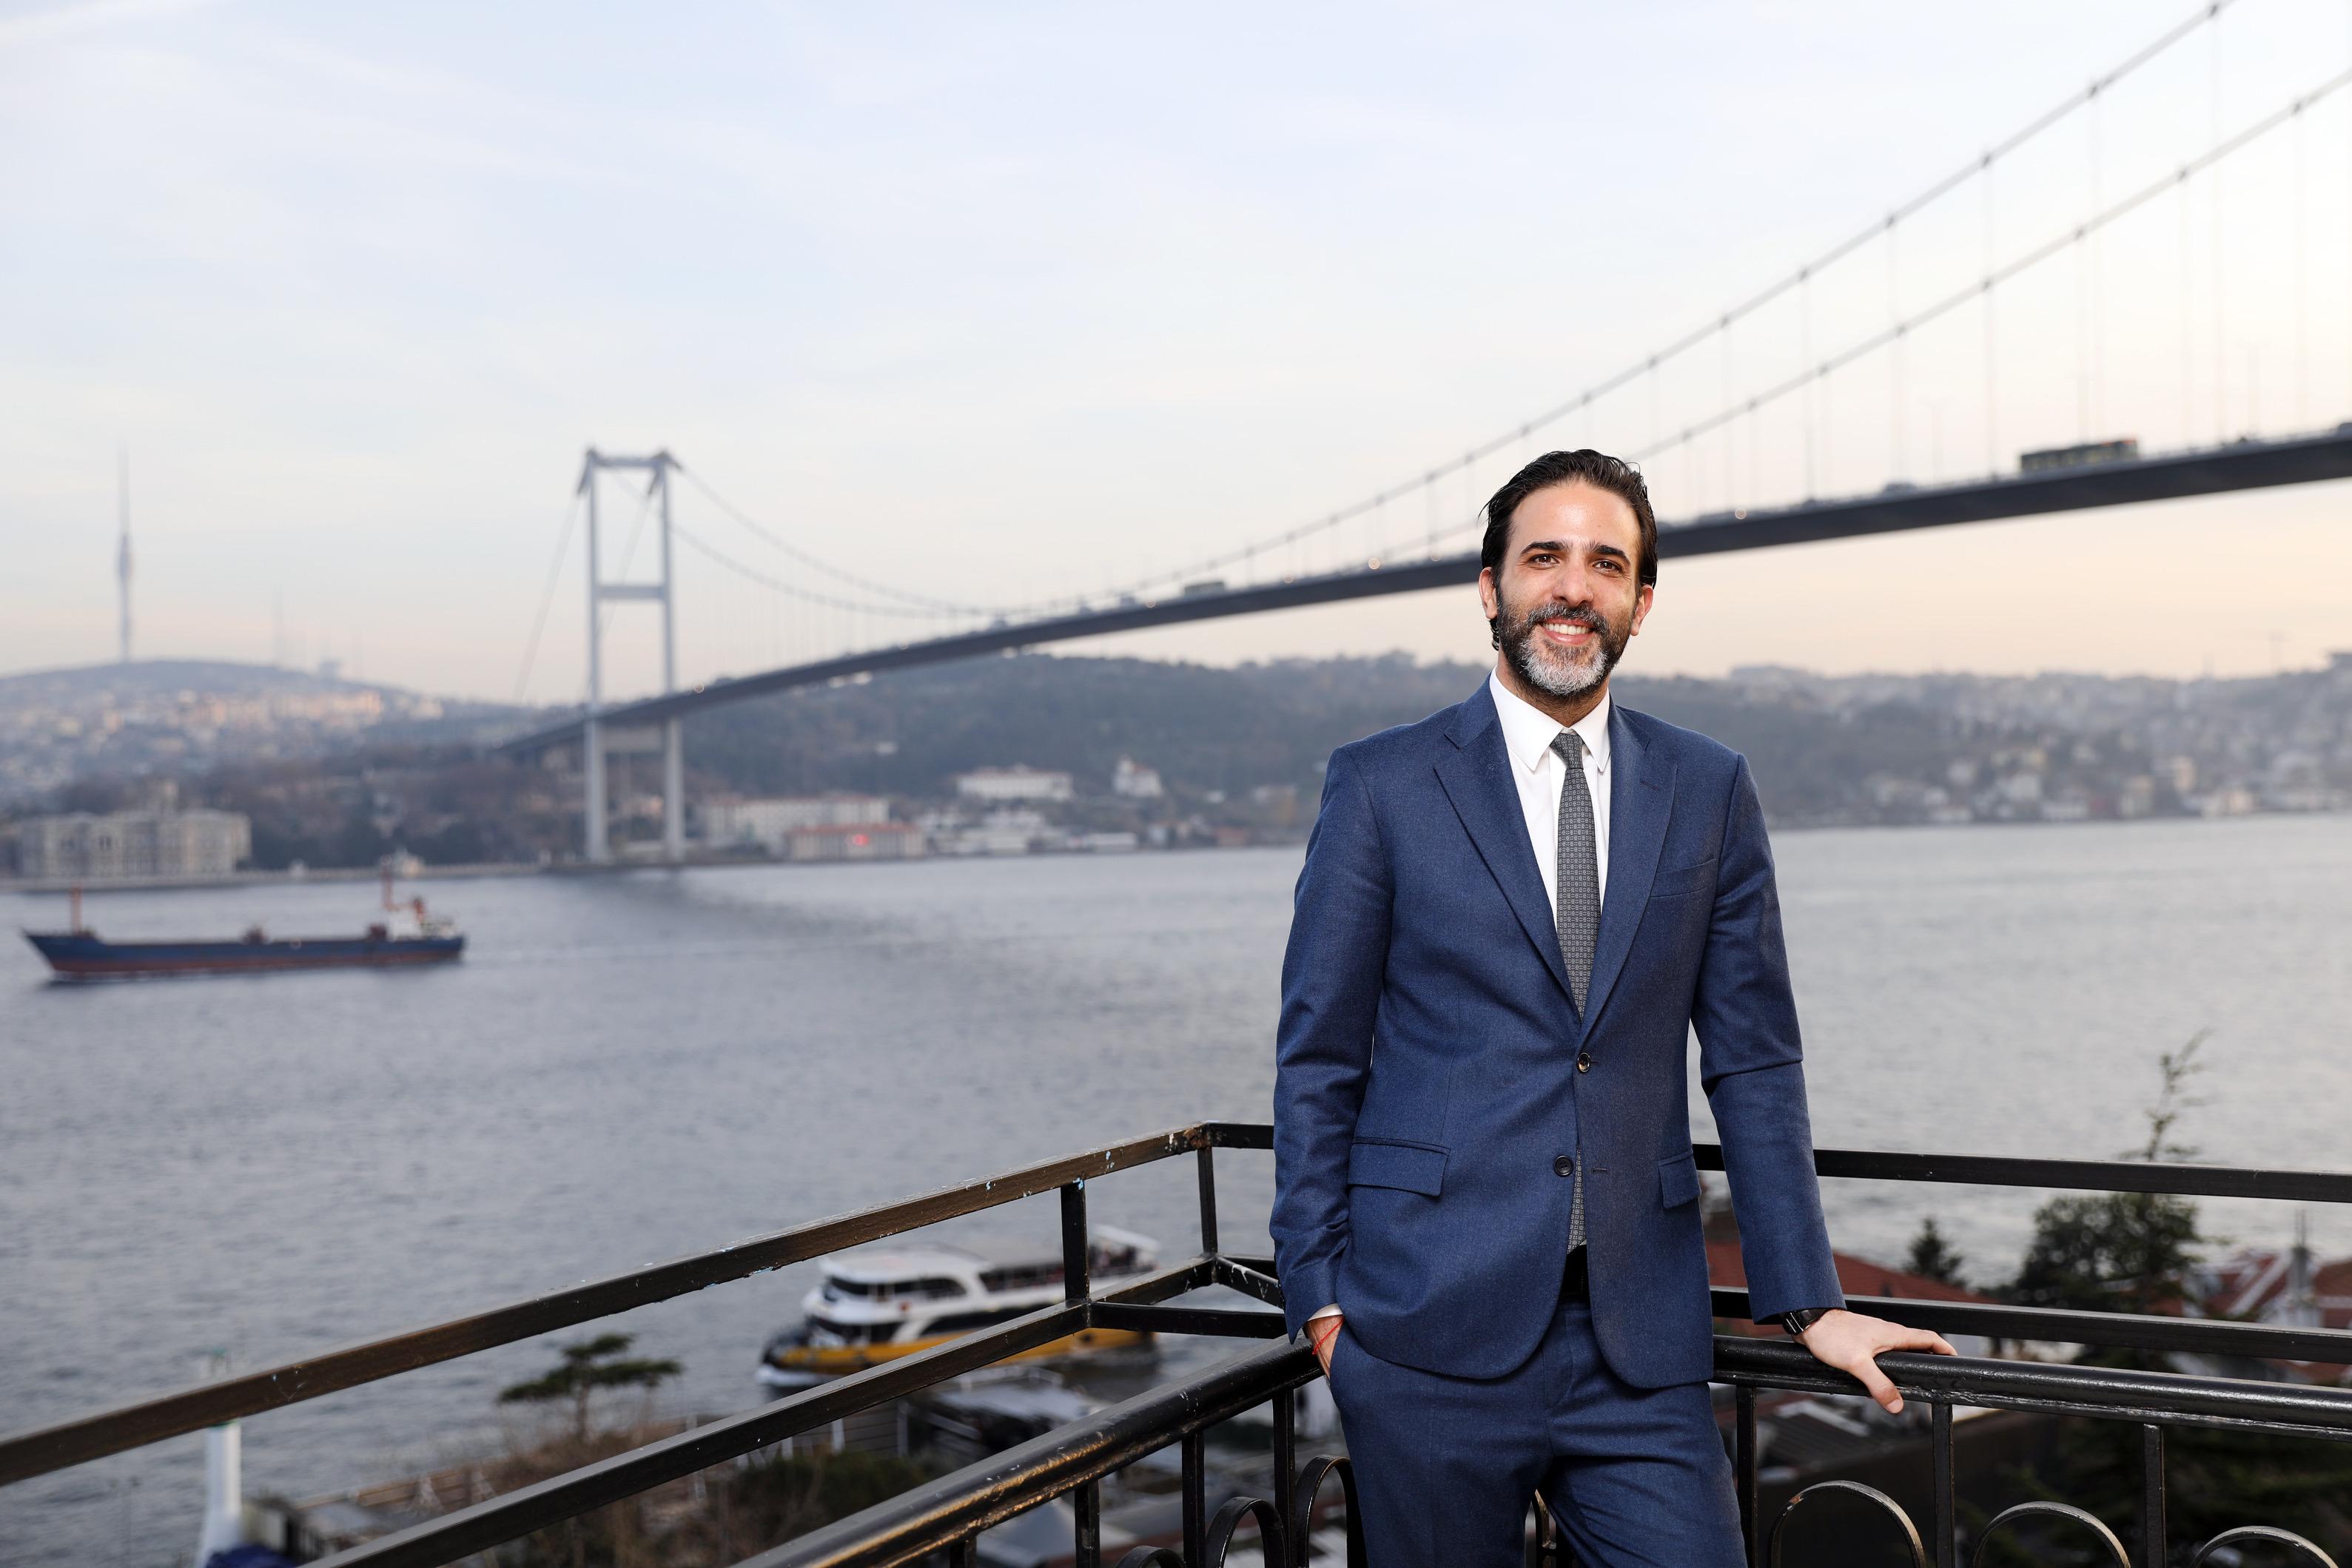 Alarko Holding Stratejik Planlama Müdürü Tal Garih, Girişimcilik İle İlgili Öngörülerini Platin'e Açıkladı